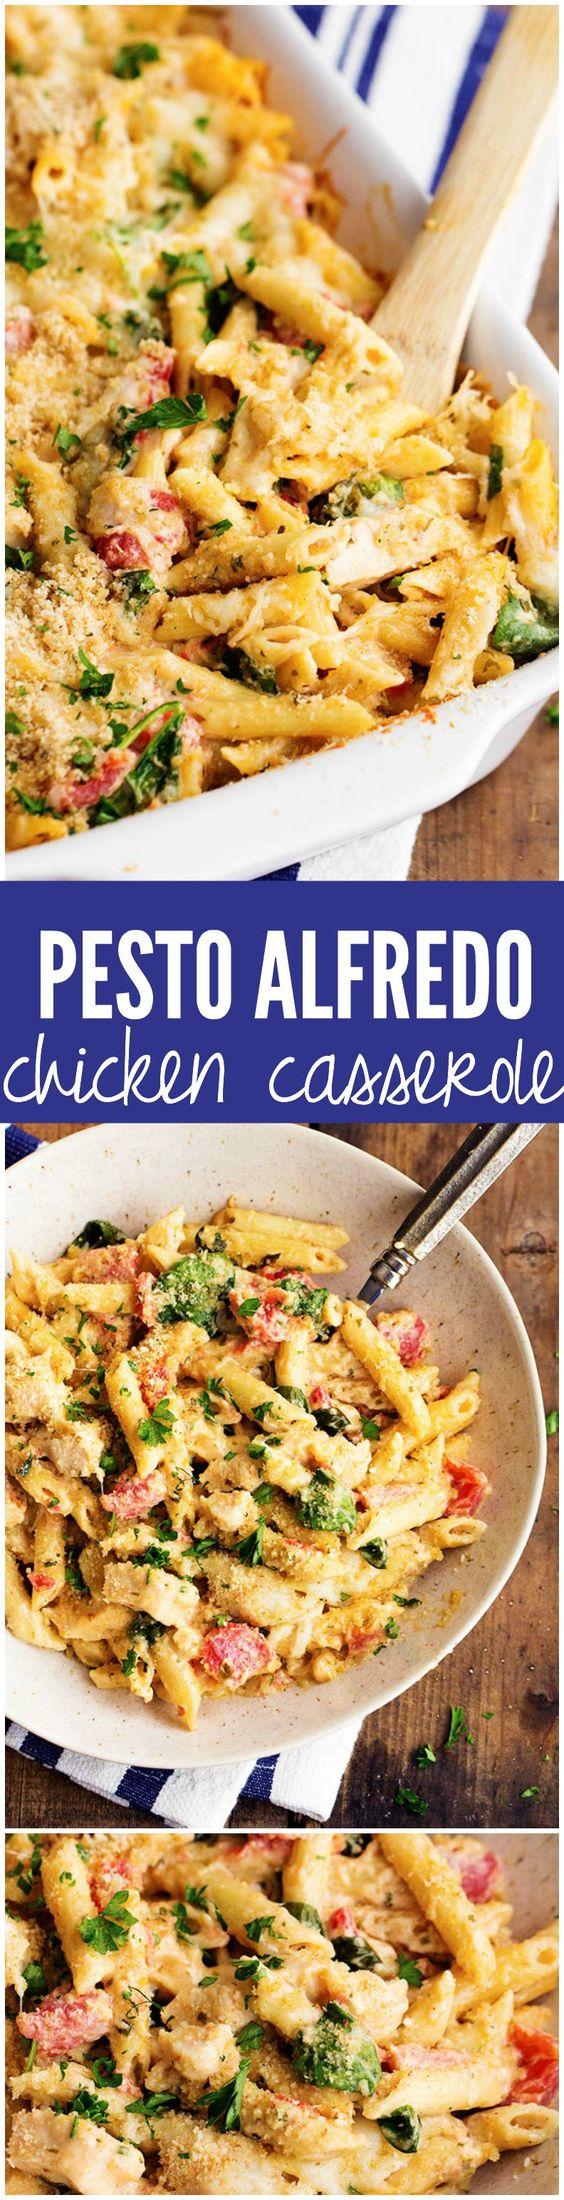 Pesto Alfredo Chicken Casserole | Recipe | Pesto Chicken, Pesto and ...